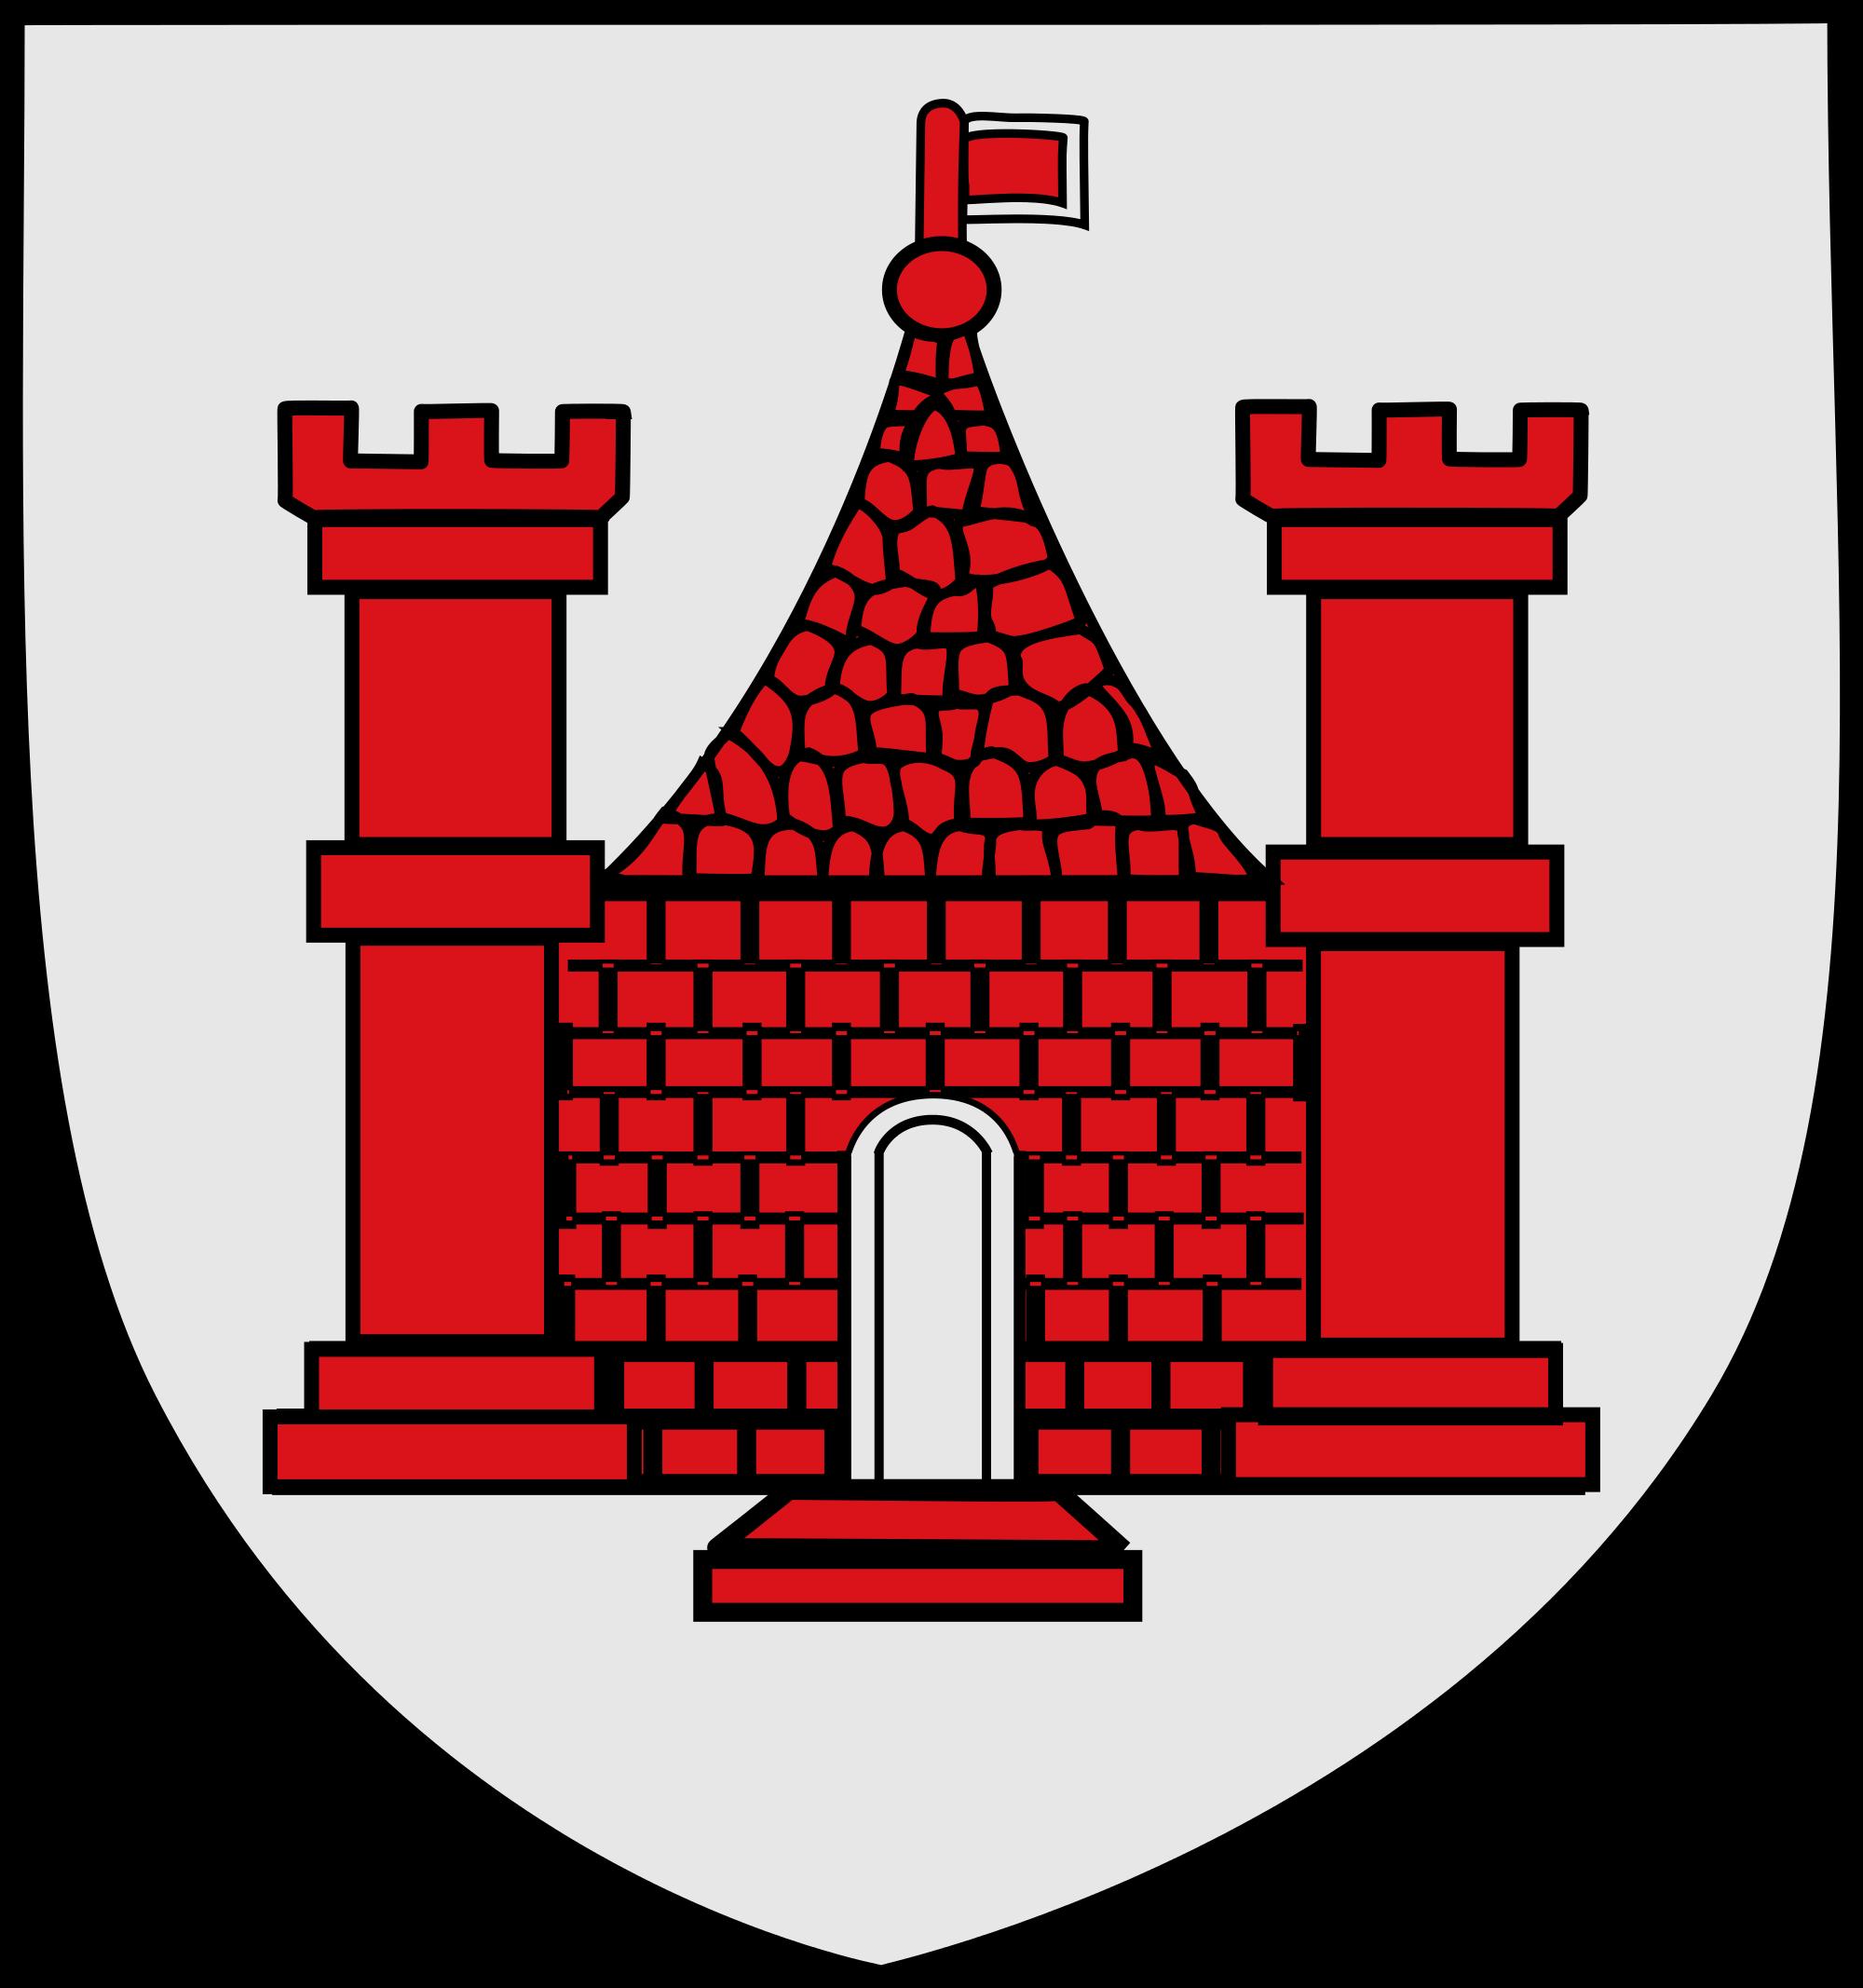 File:DEU Quakenbrück COA.svg.